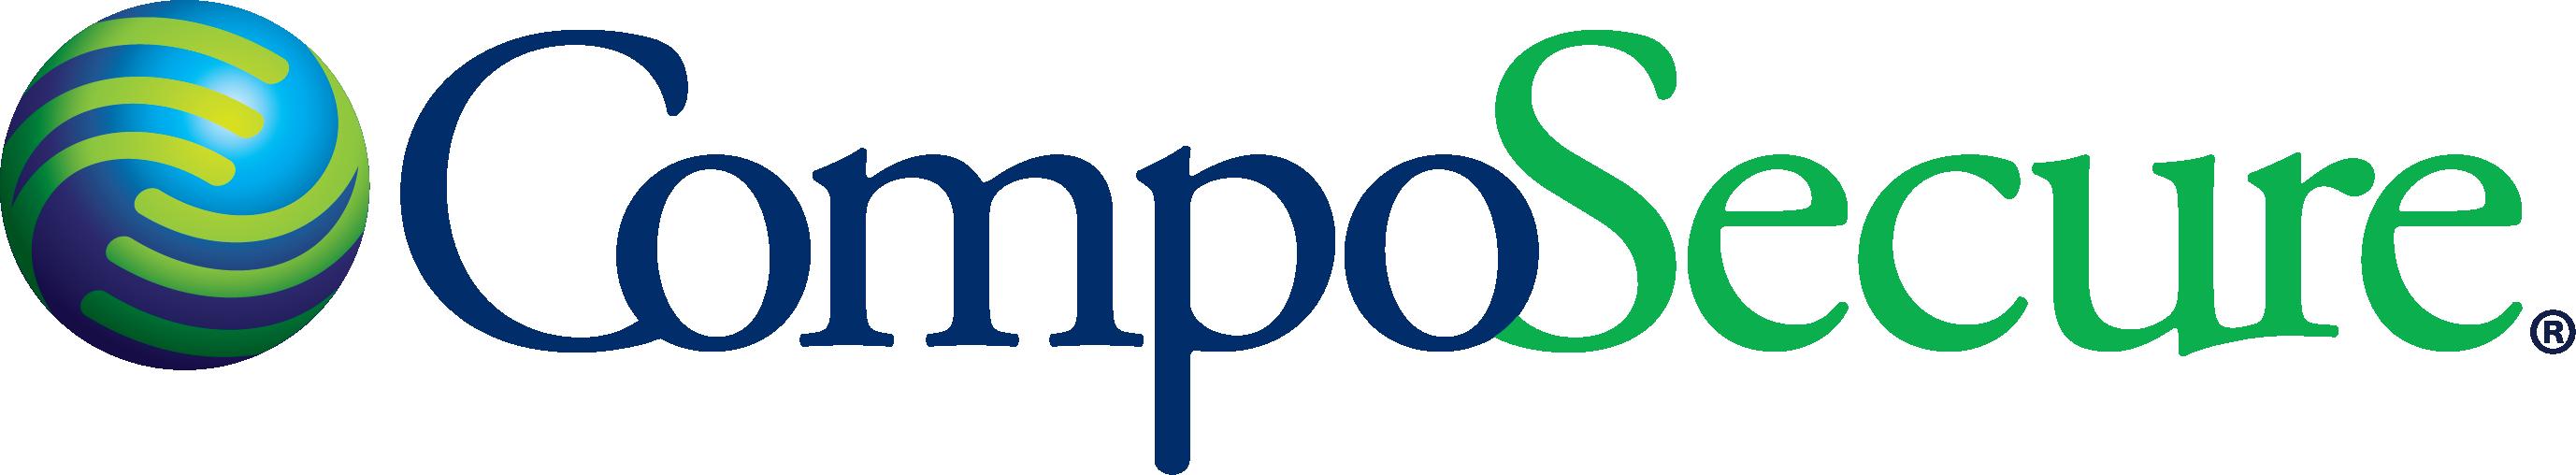 CompoSecure L.L.C. logo